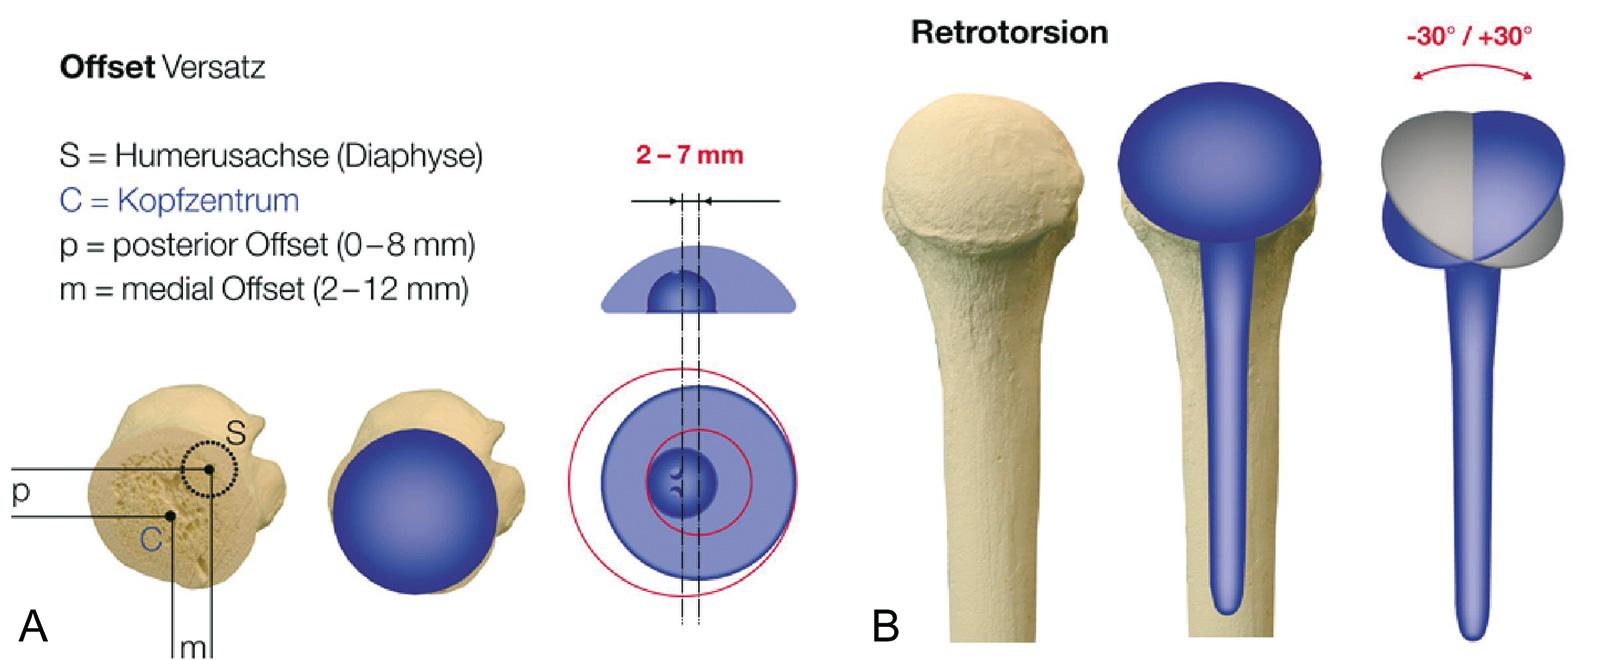 Abb. 1-61: Variable Einstellung des Offsets und der Retrotorsion des Humeruskopfes am Beispiel der Anatomical Shoulder Prothese (Mit freundlicher Genehmigung der Centerpulse Orthopedics Ltd. a Zimmer Company)